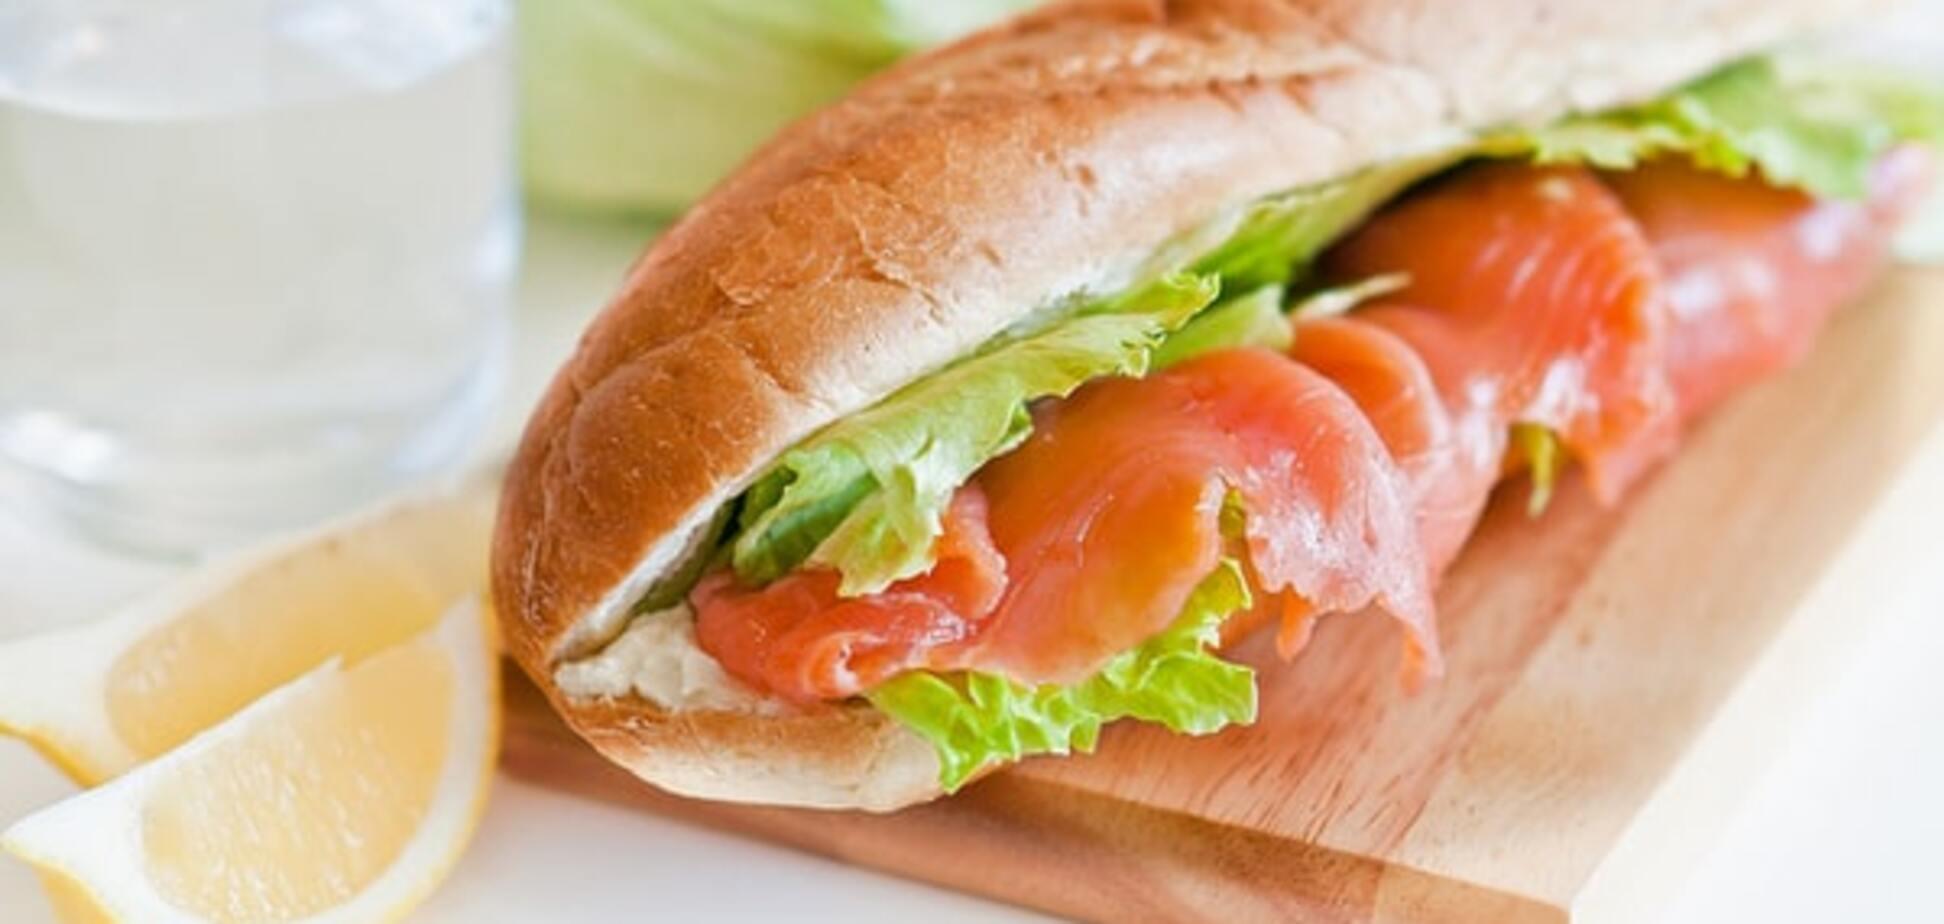 Контрабанда в бутерброде, или За сэндвич с лососем вас теперь оштрафуют?